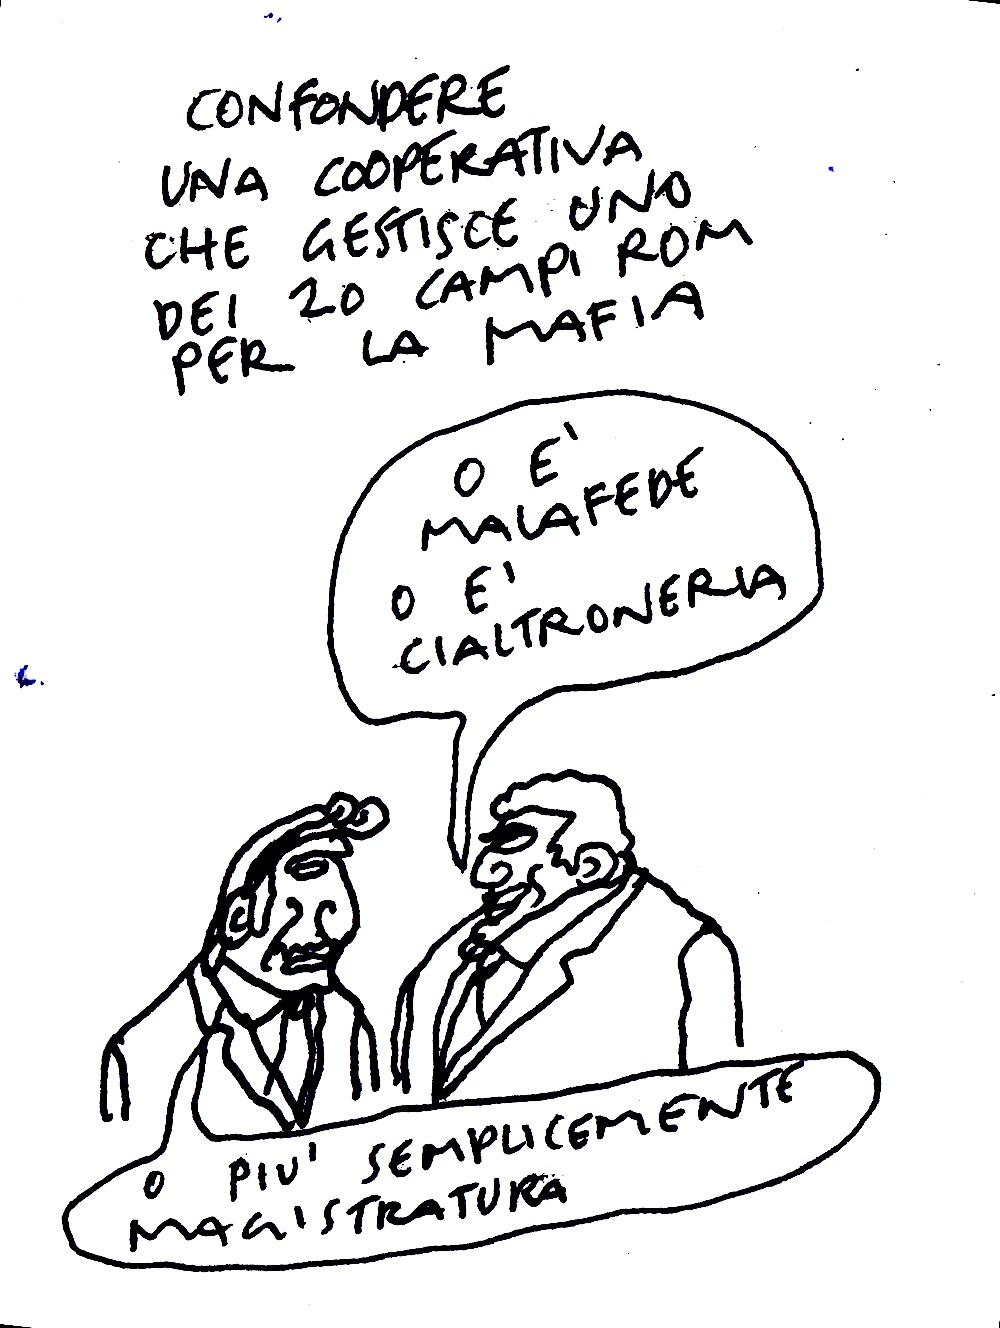 malafede o magistratura